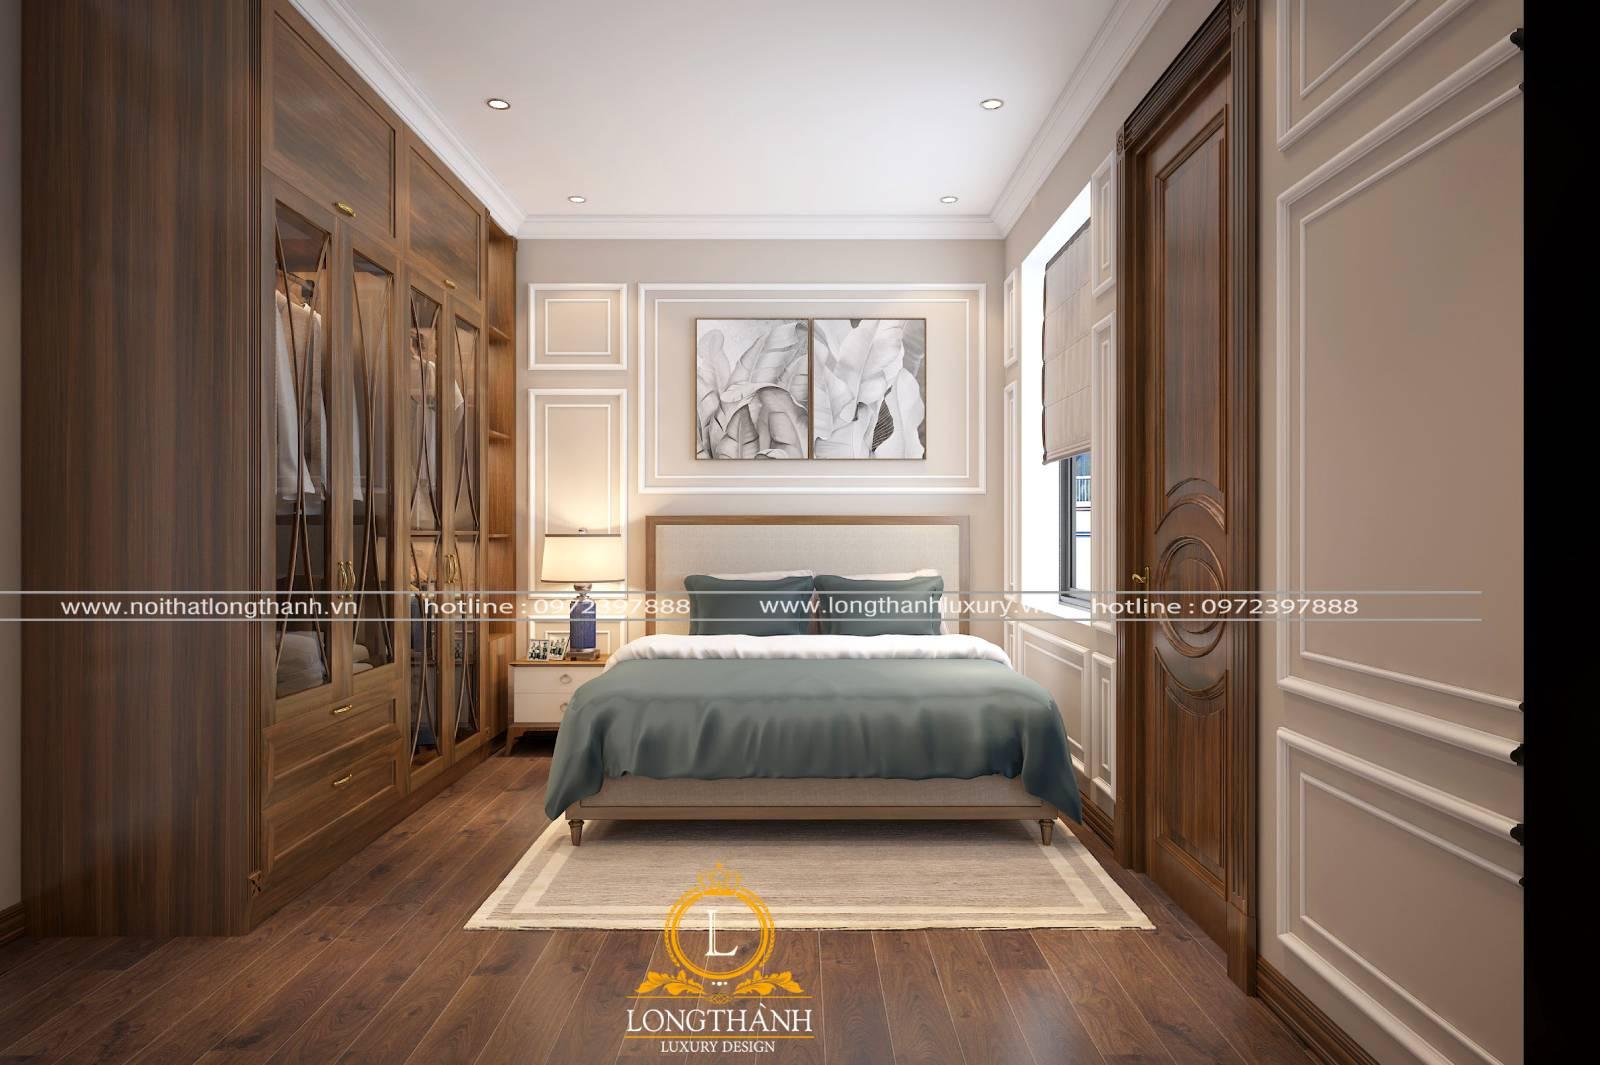 Mẫunội thất tân cổ điển đẹp cho phòng ngủ diện tích nhỏ